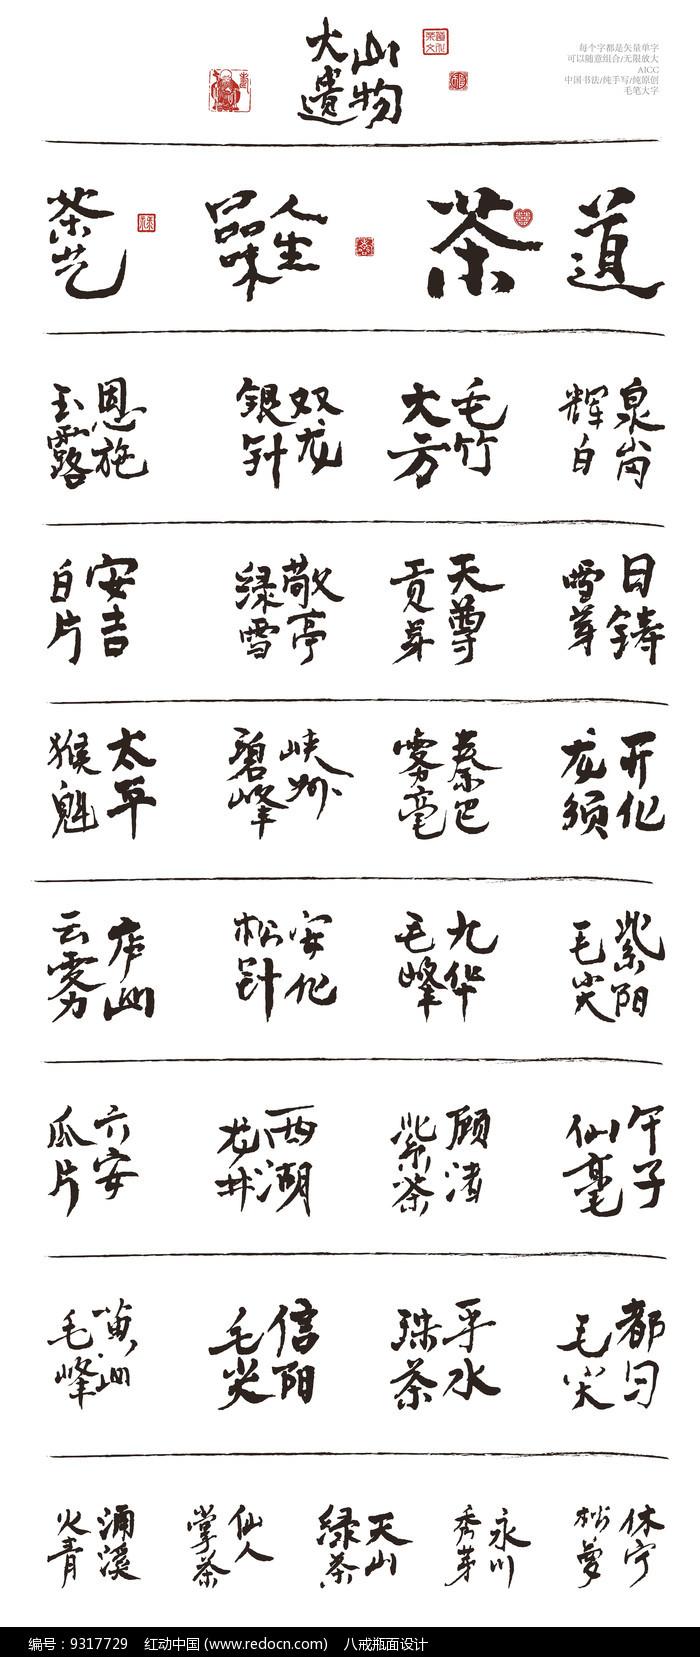 茶道名称书法毛笔字体